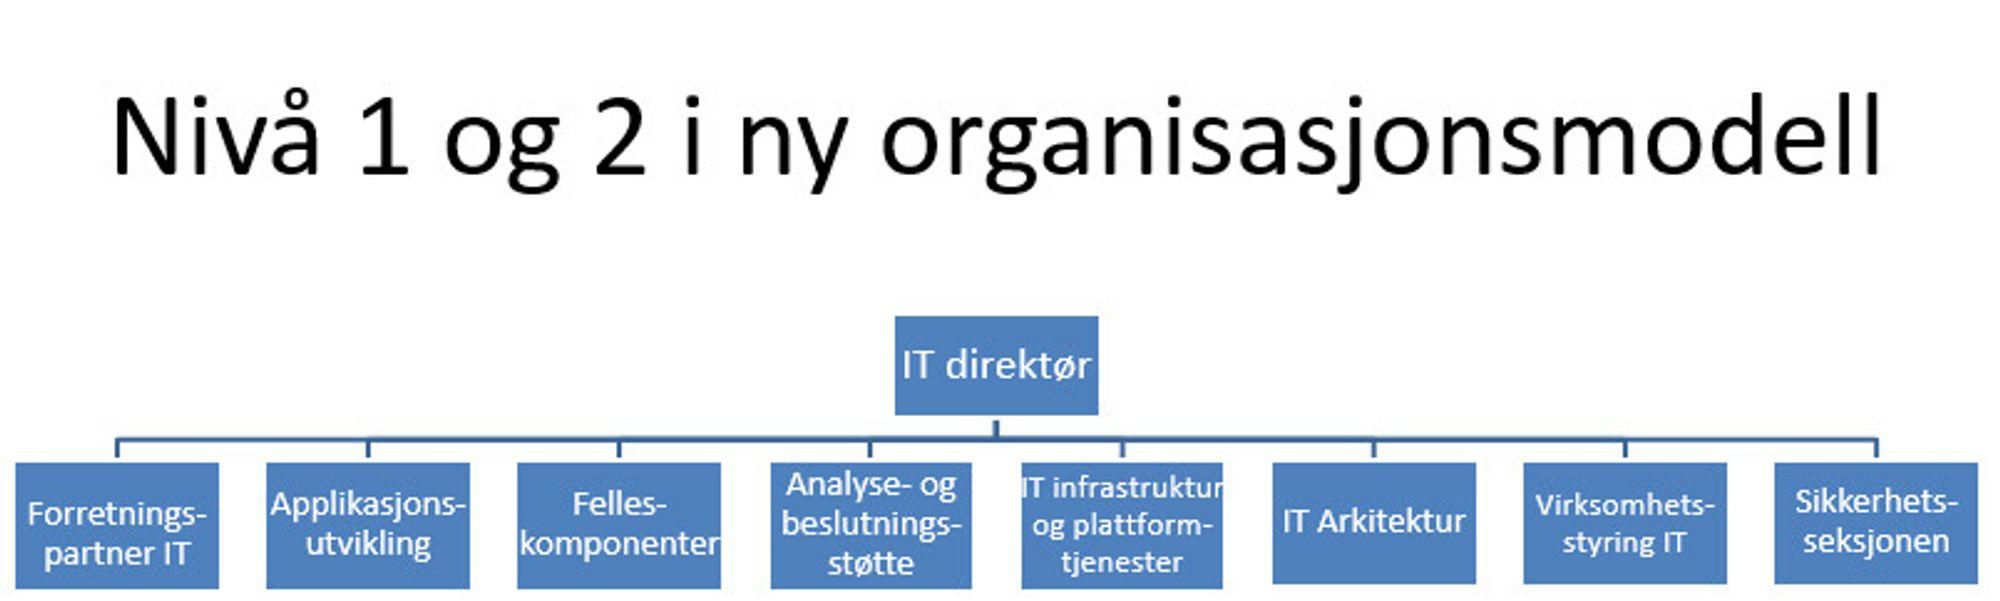 Ny organisasjonsmodell i Nav IT.